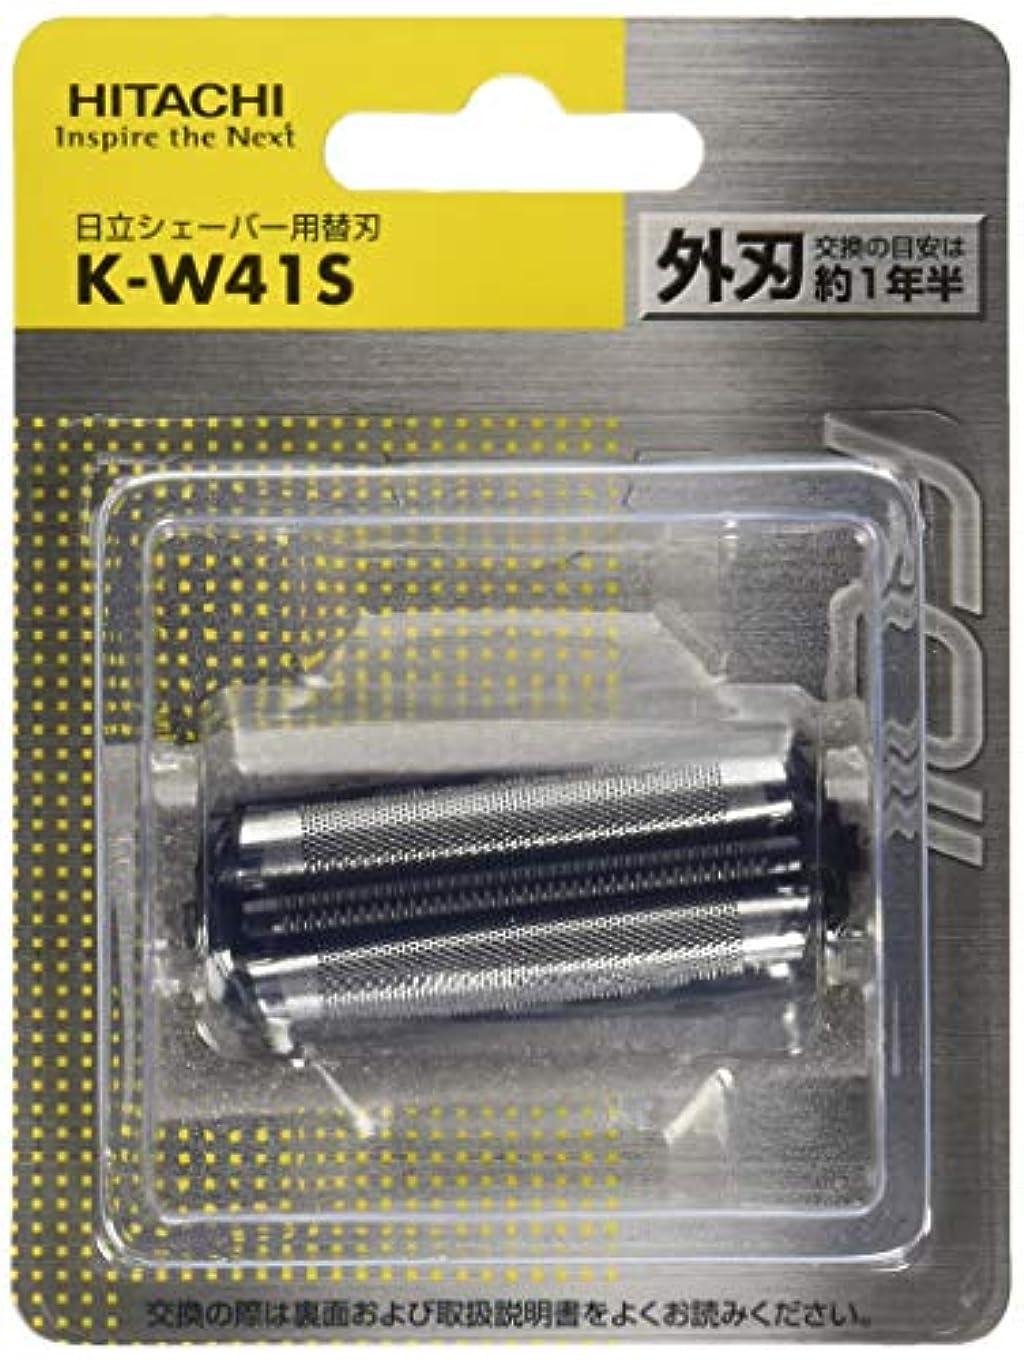 持参初心者農場日立 シェーバー用替刃(外刃) K-W41S